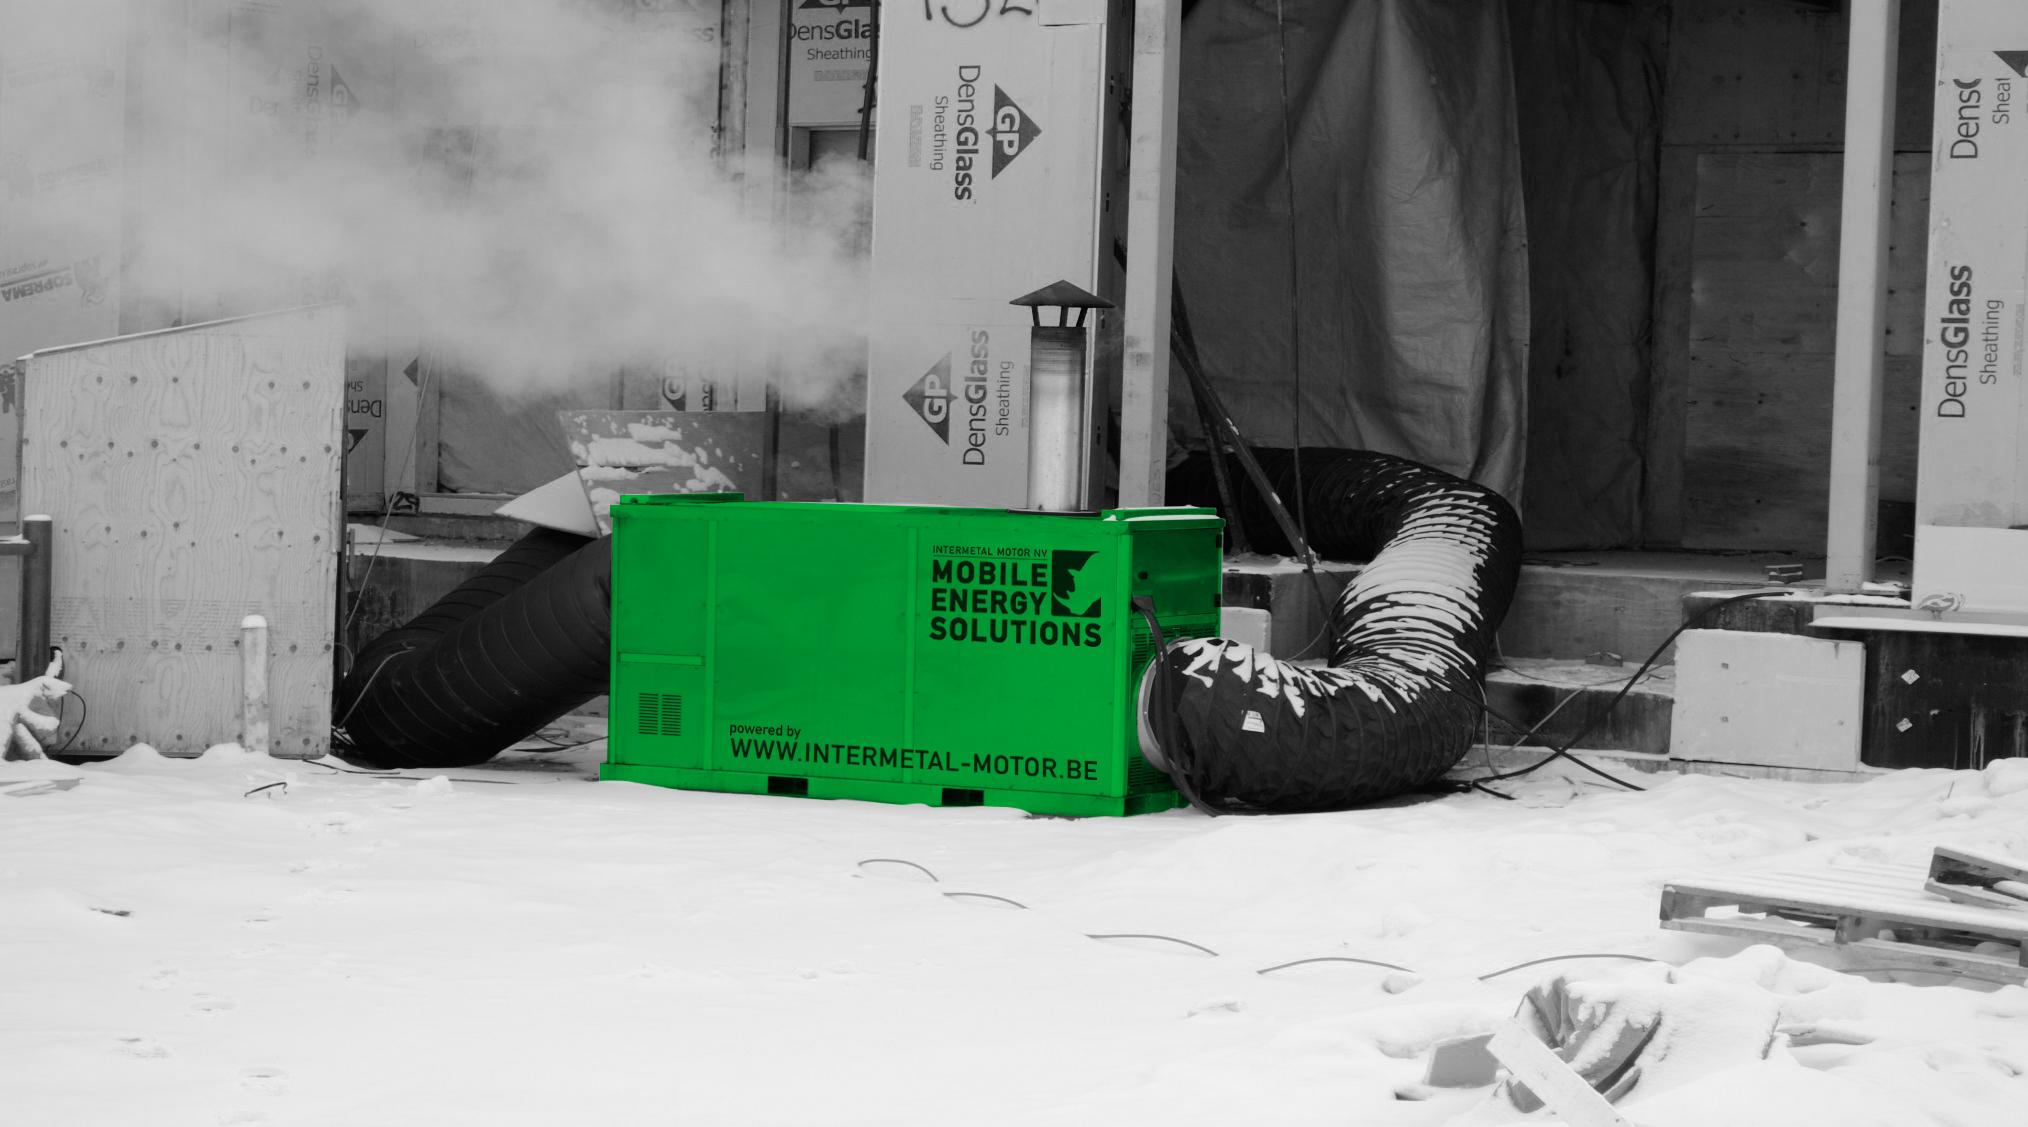 5) Verwarmen gebouw in aanbouw met recirculatie voor besparen brandstof